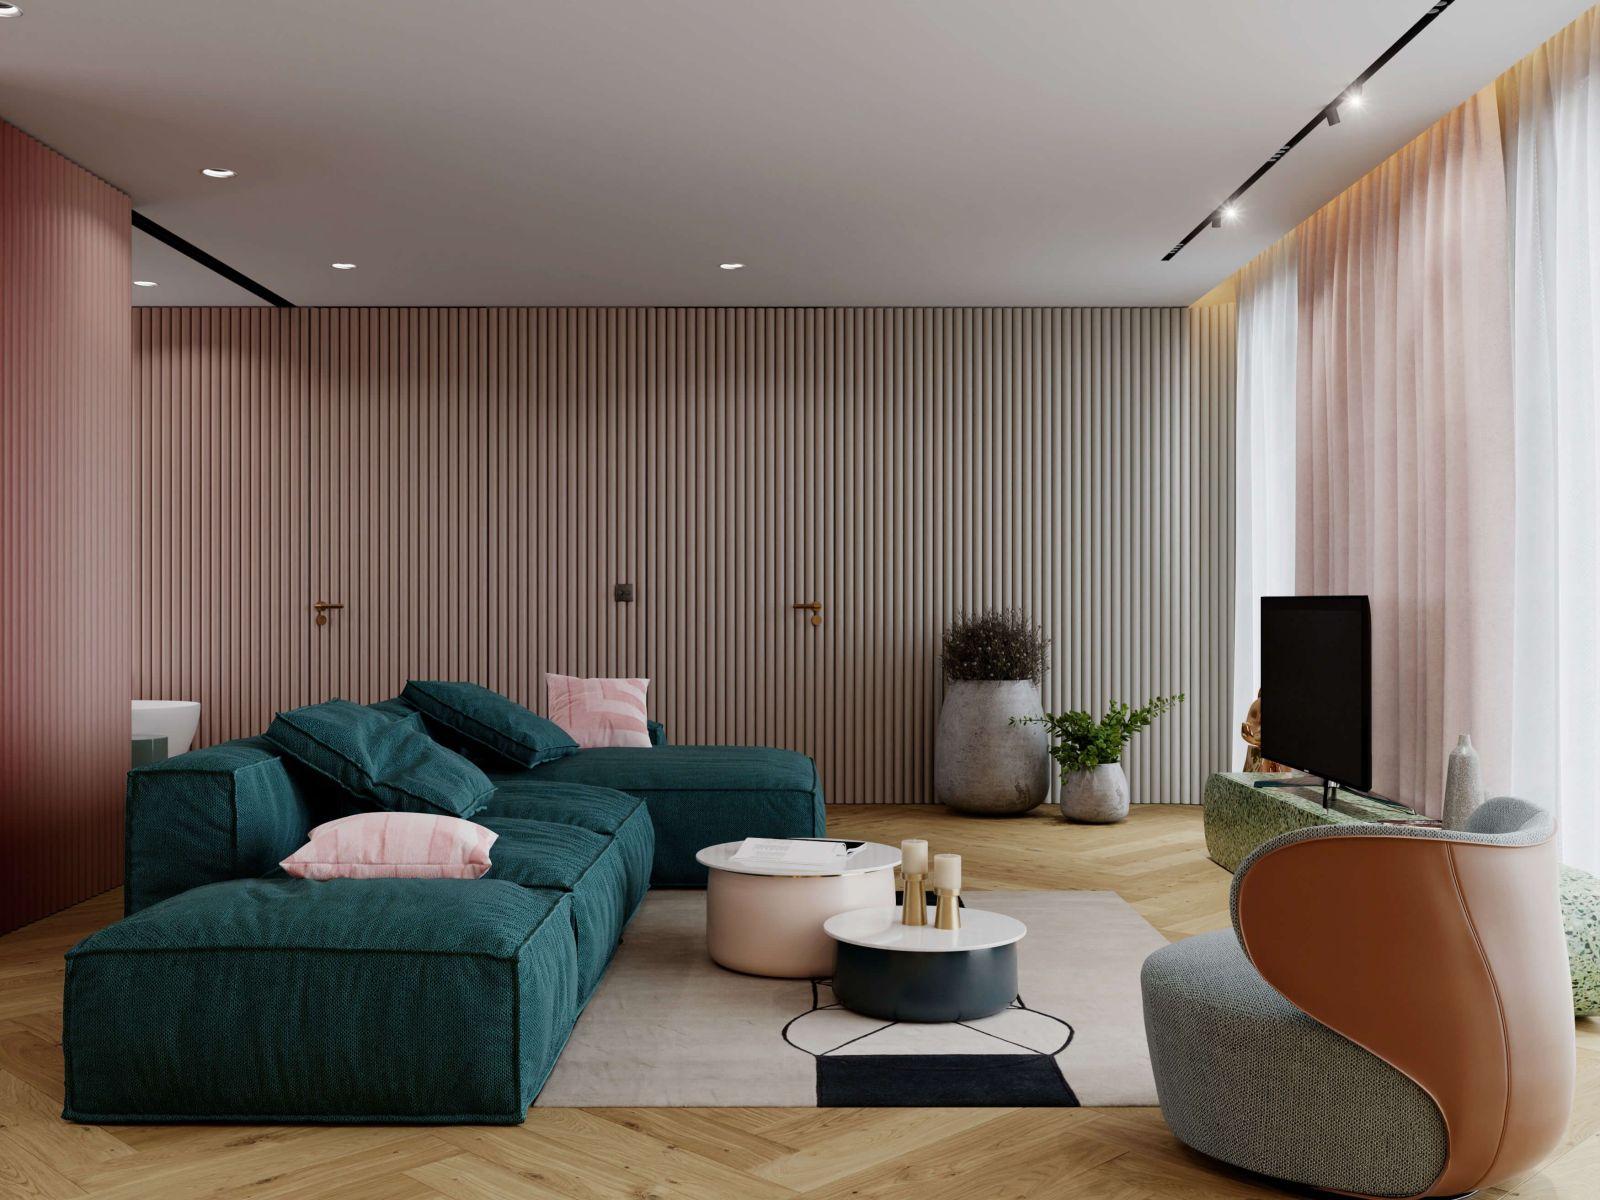 36b727be4e595 Soňa Skoncová s partnerom majú nové bývanie, v ktorom dominuje súčasný  dizajn a pestrá paleta